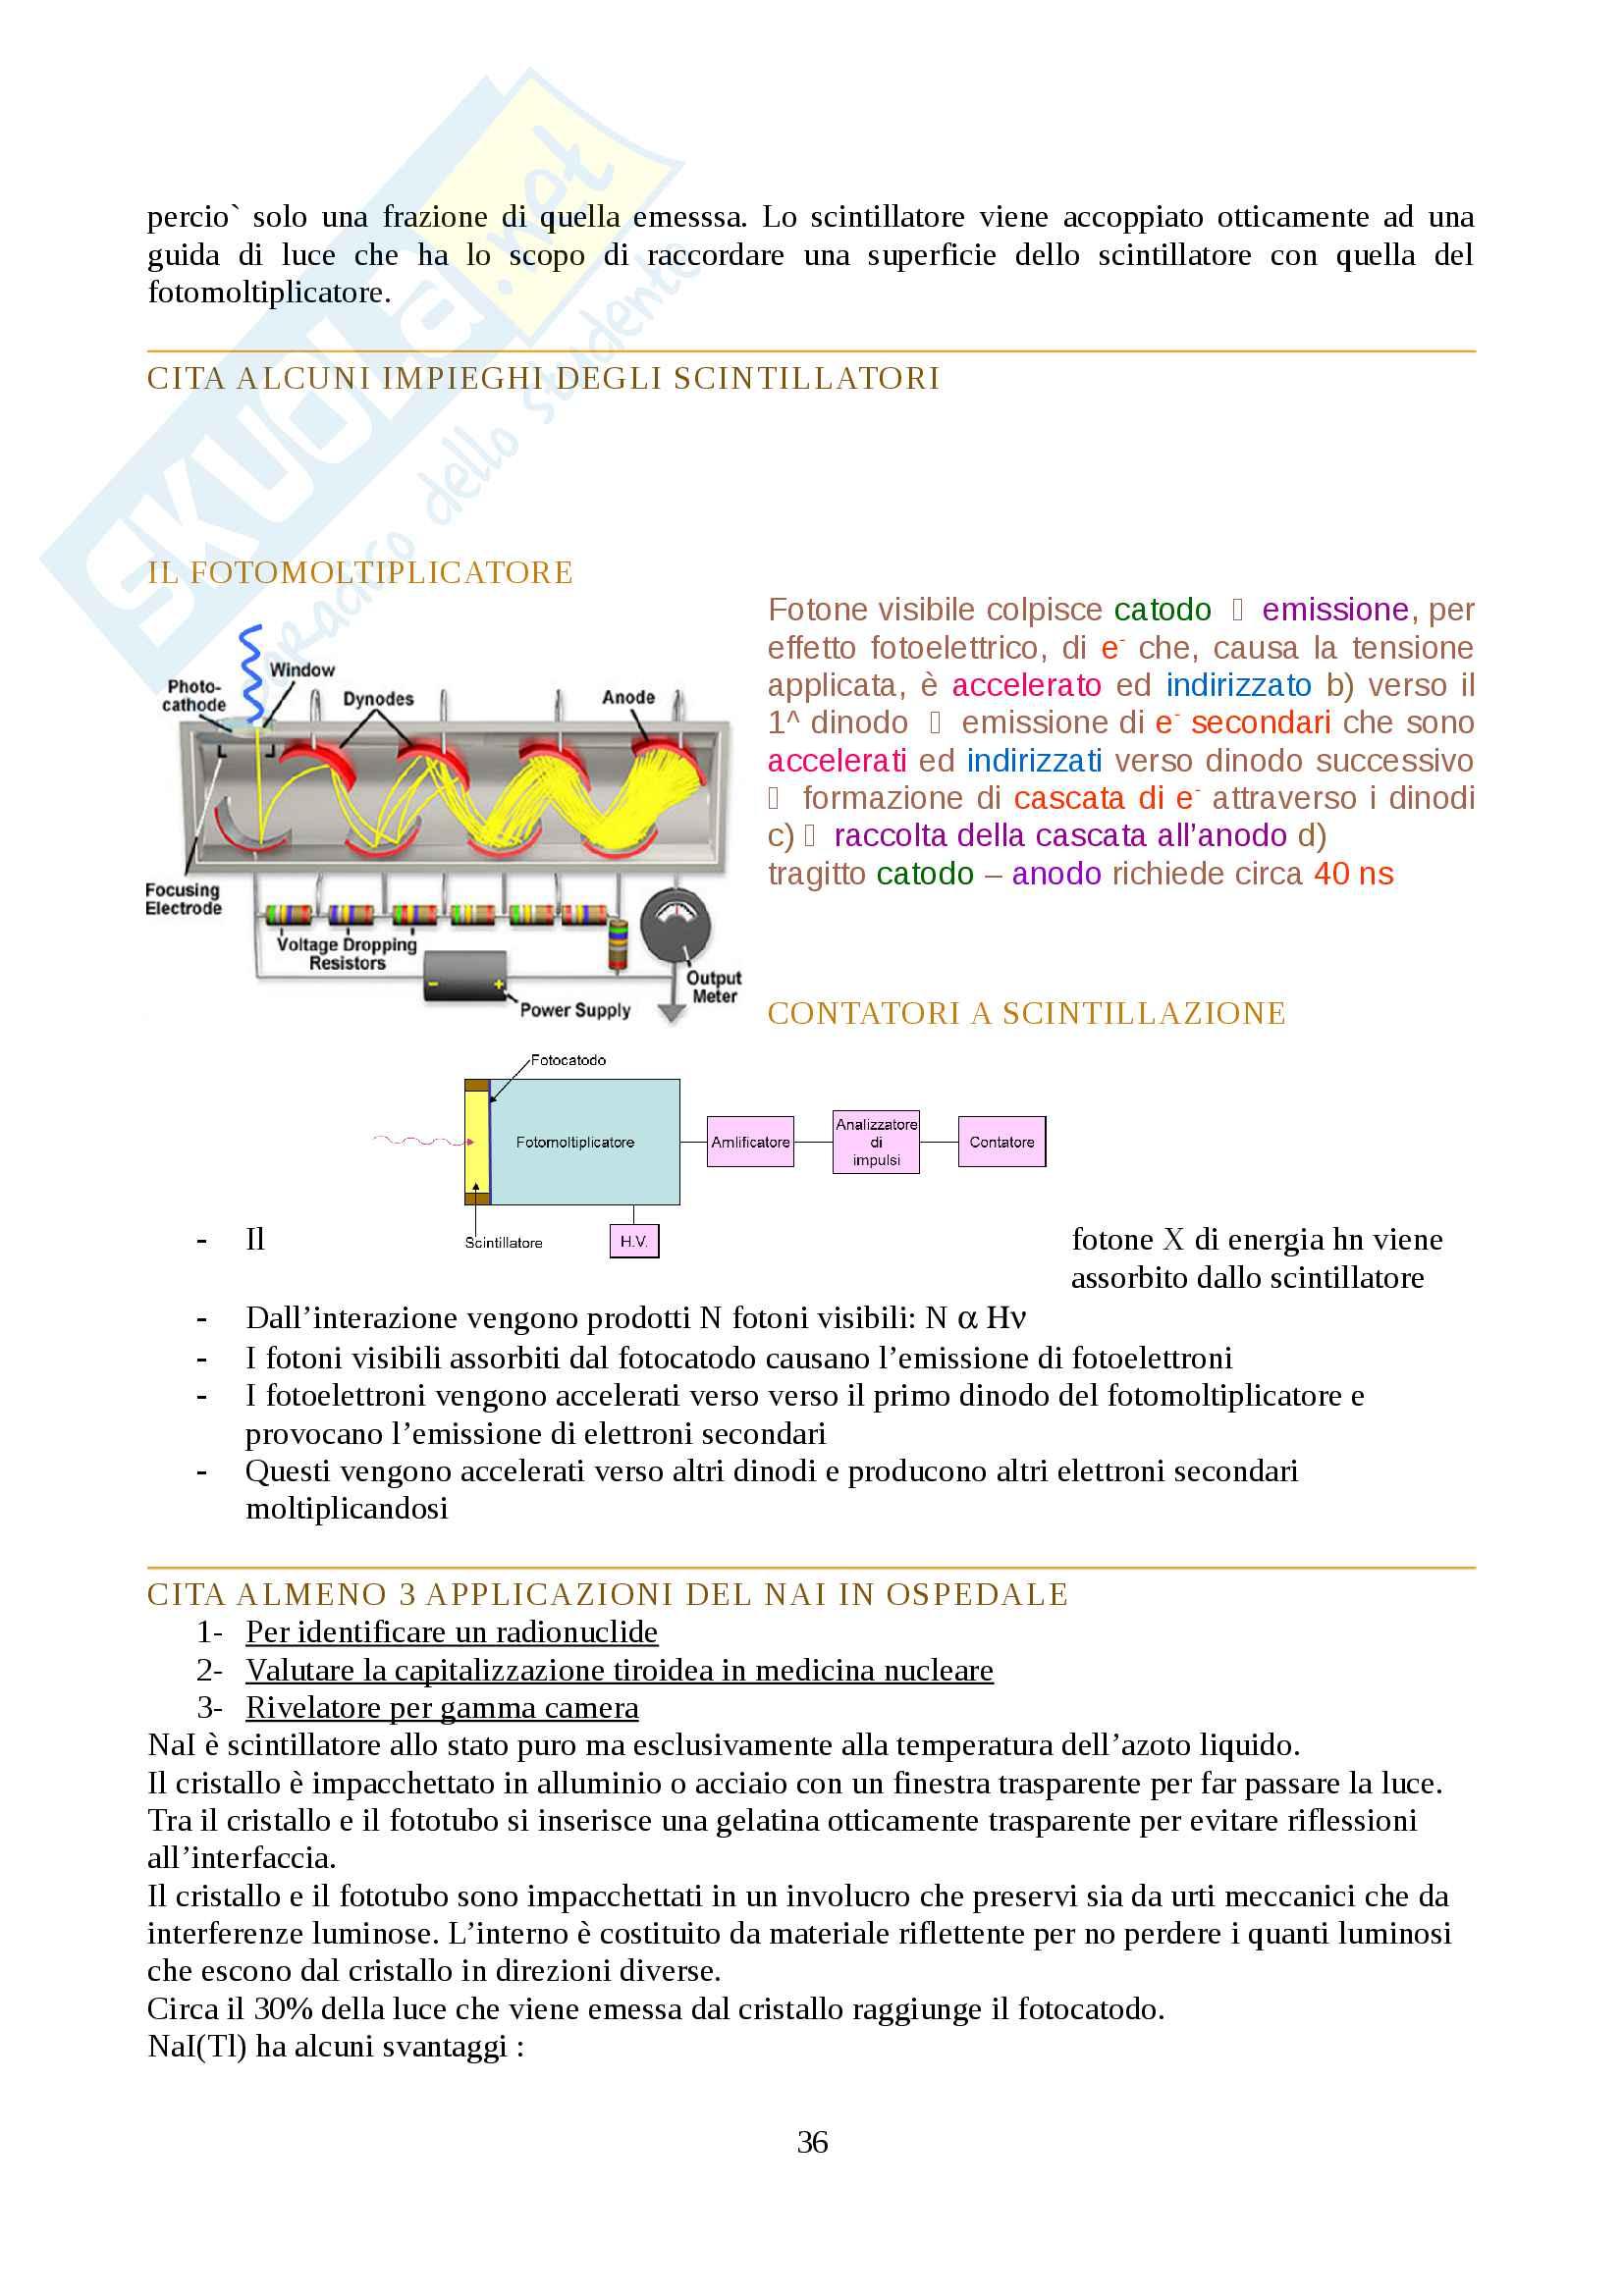 Fisica delle radiazioni Pag. 36